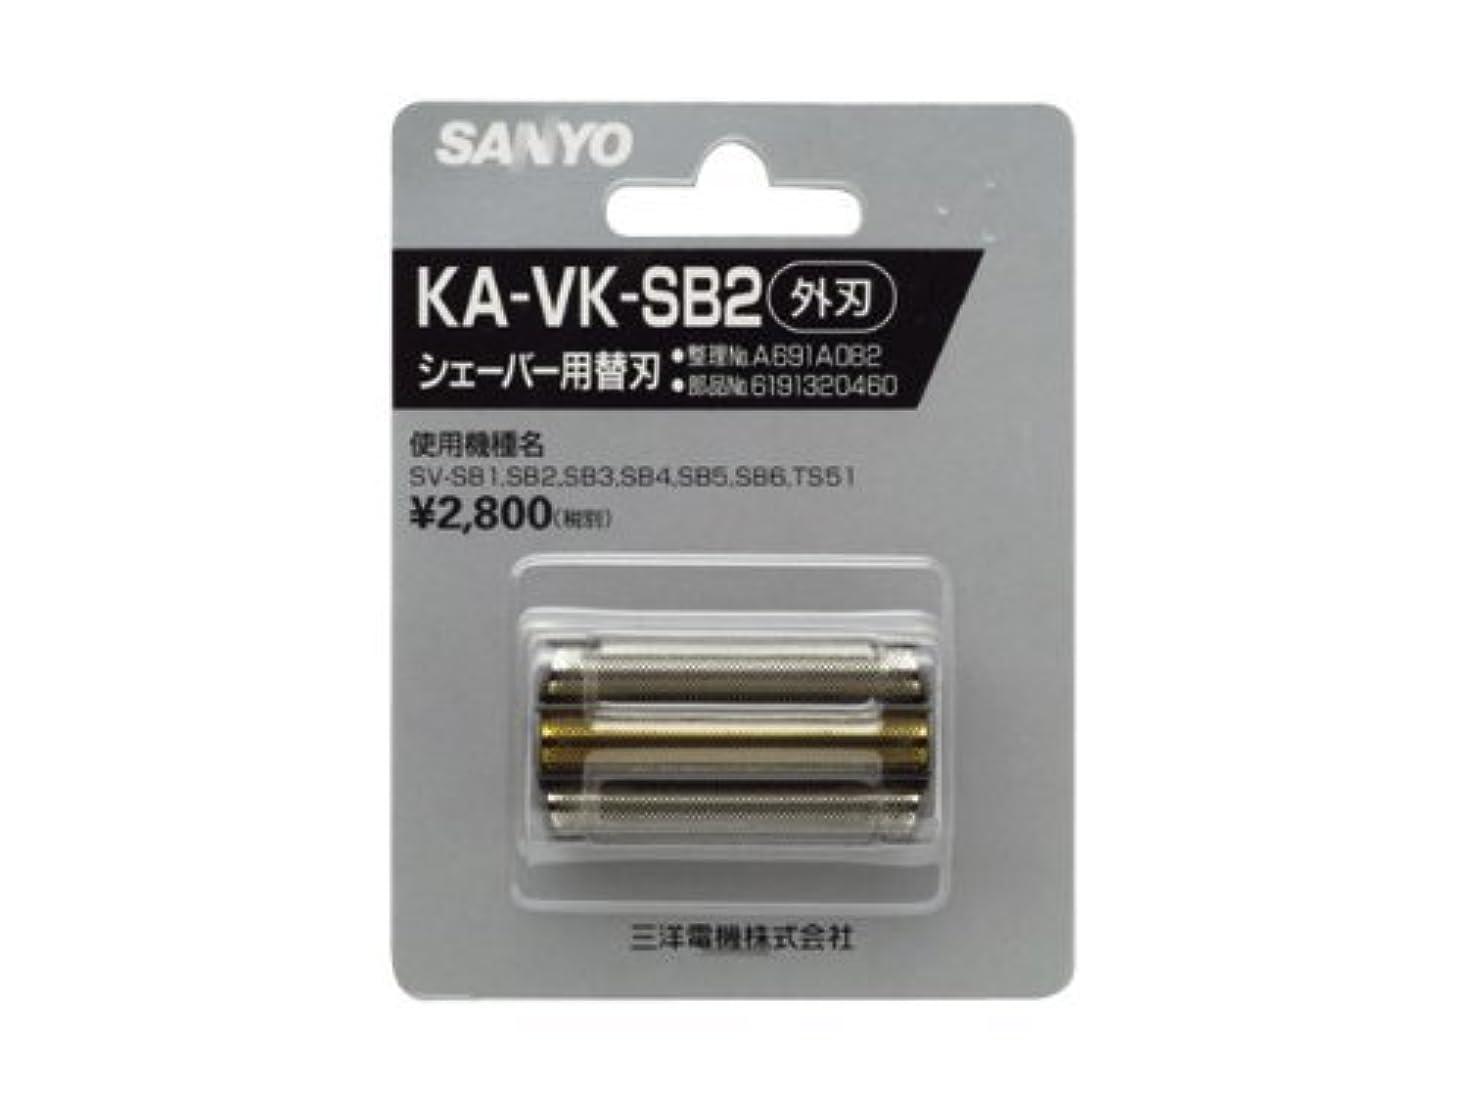 検出する小さな小数Panasonic シェーバー用替刃 外刃 6191320460